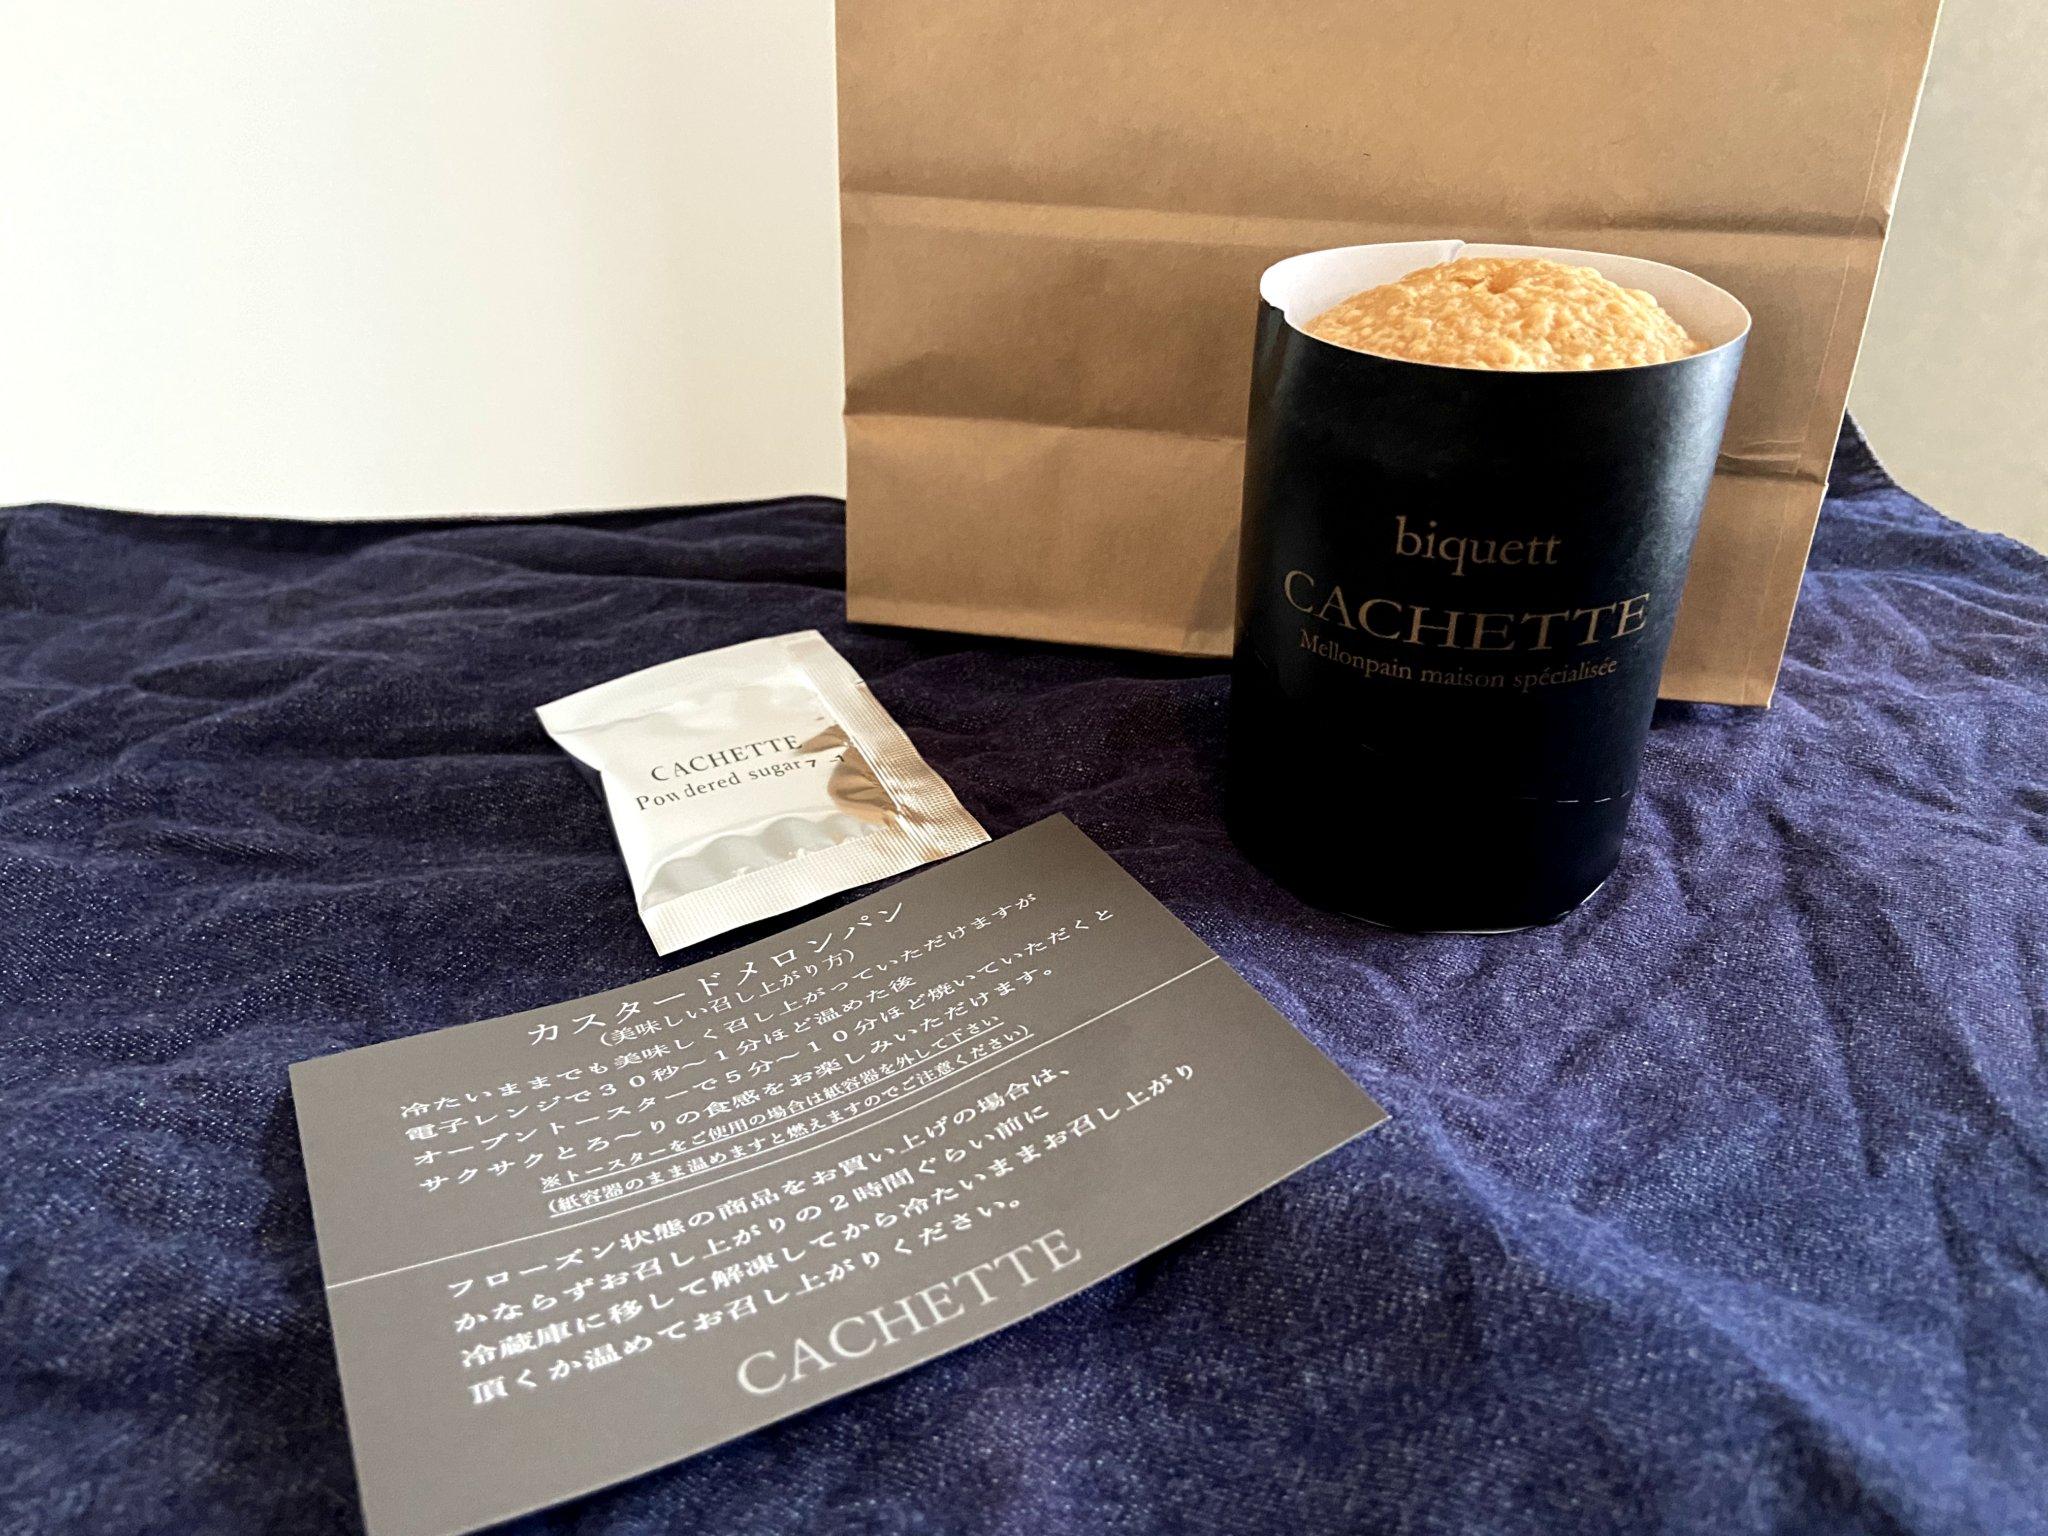 【嵐にしやがれ】福岡県糸島市でメロンパンを食べまくり!東京や全国にも!?【CACHETTE】_16